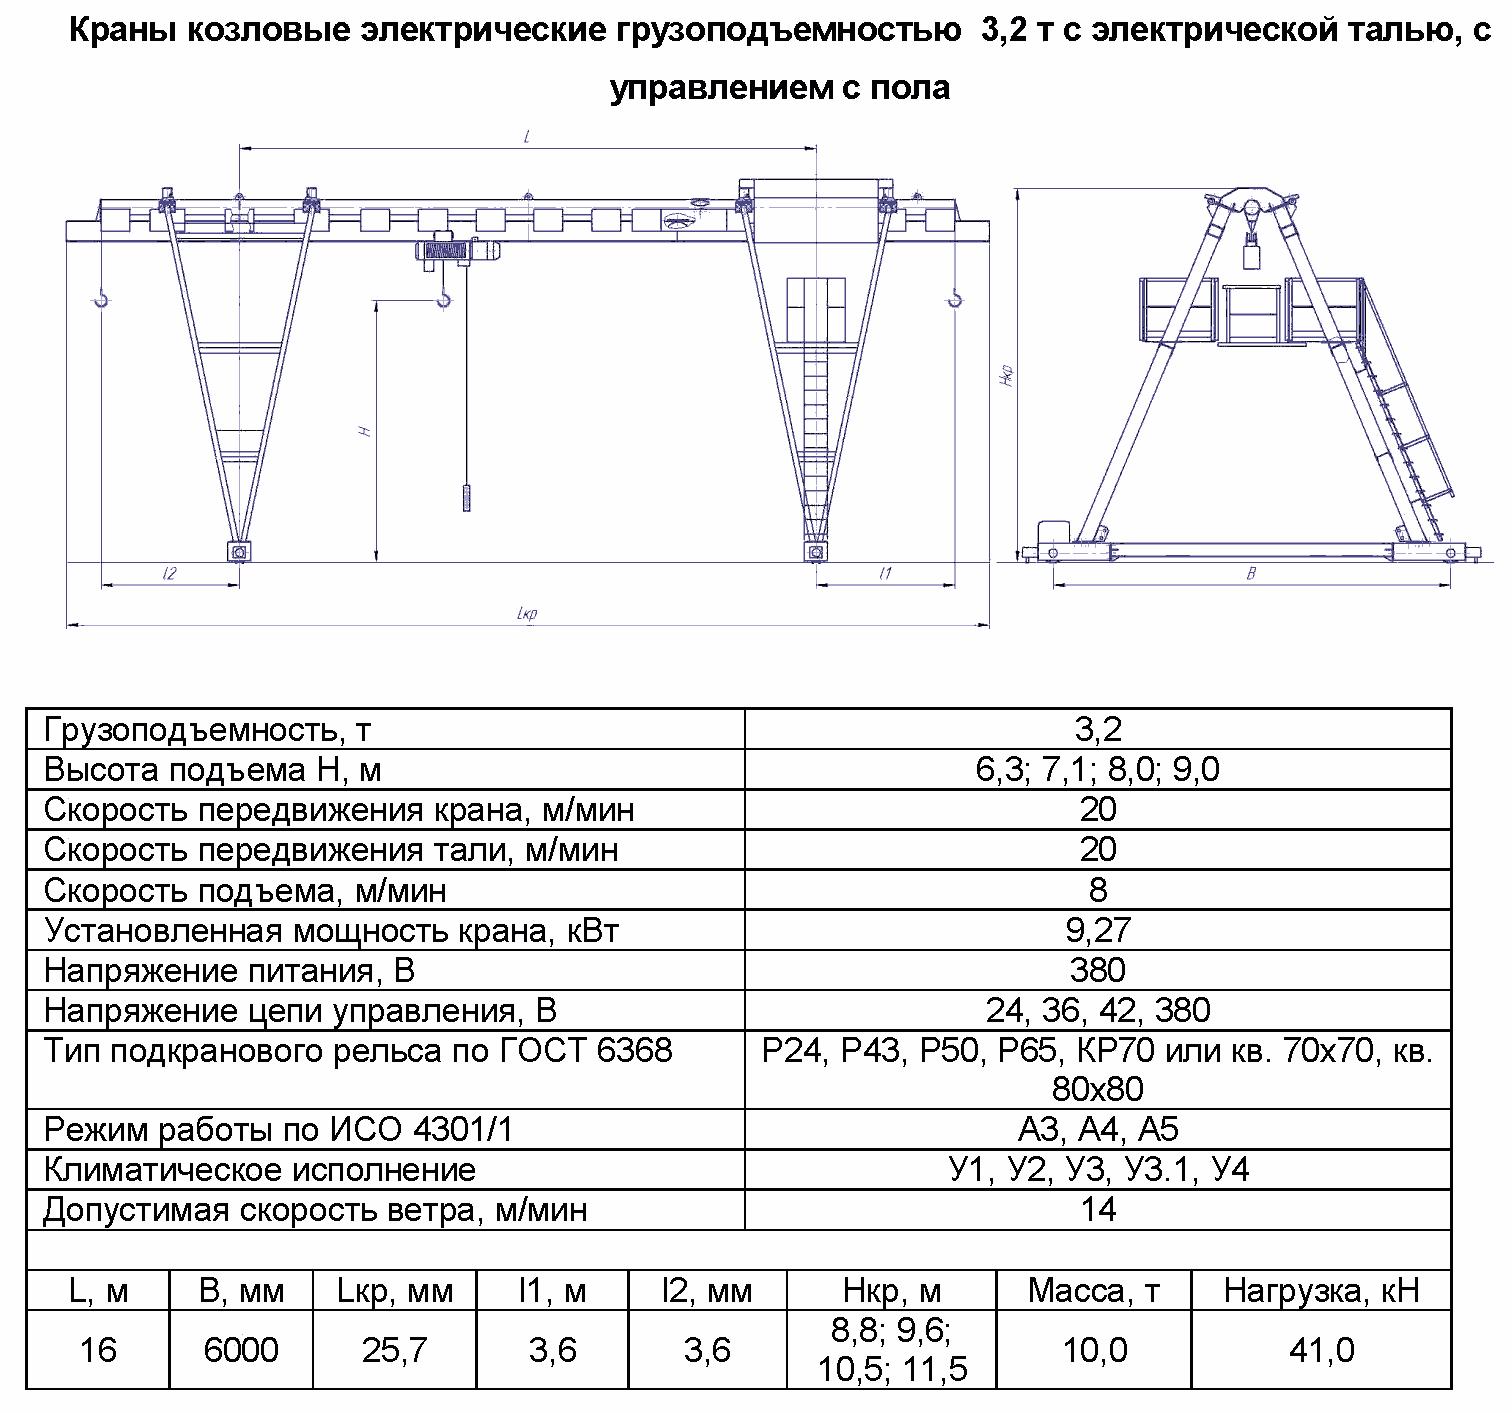 KKO 3 160 - Кран козловой электрический однобалочный